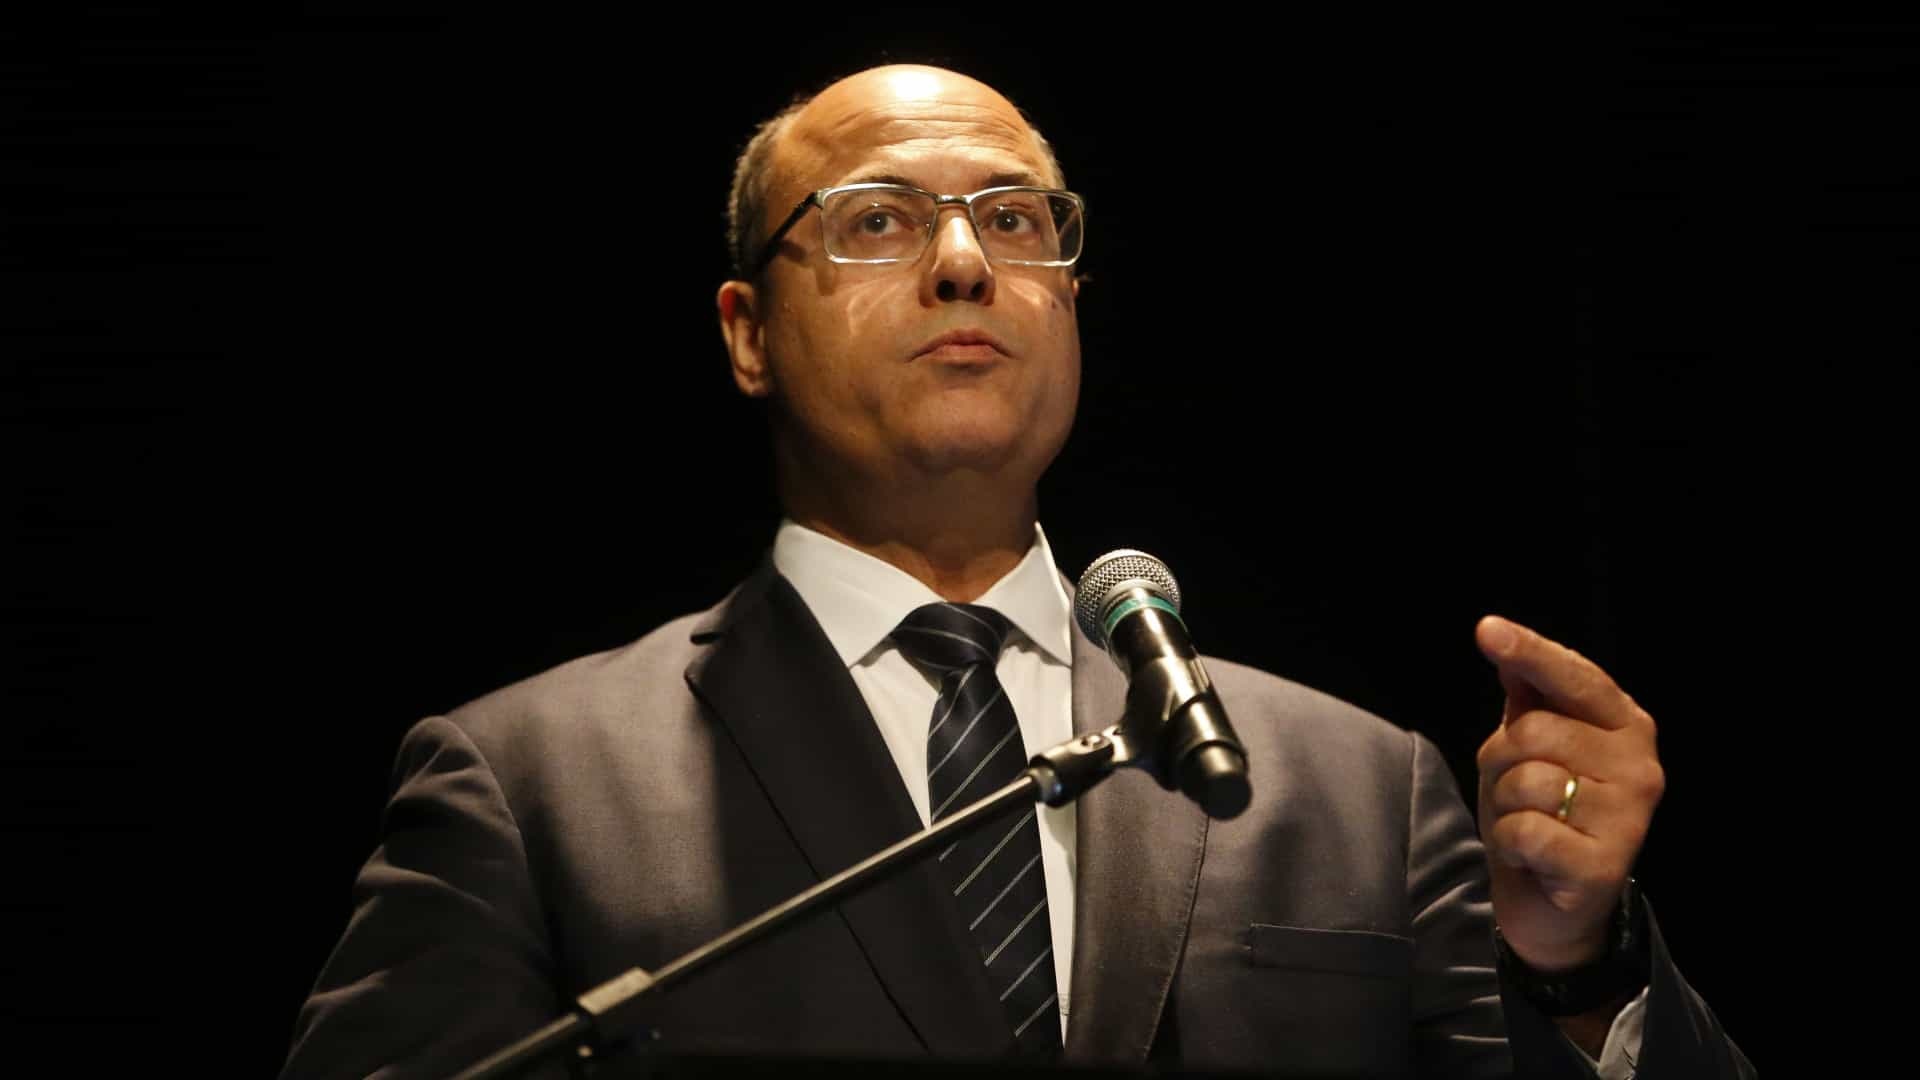 Witzel: 'Atiradores de elite já estão sendo usados contra traficantes'